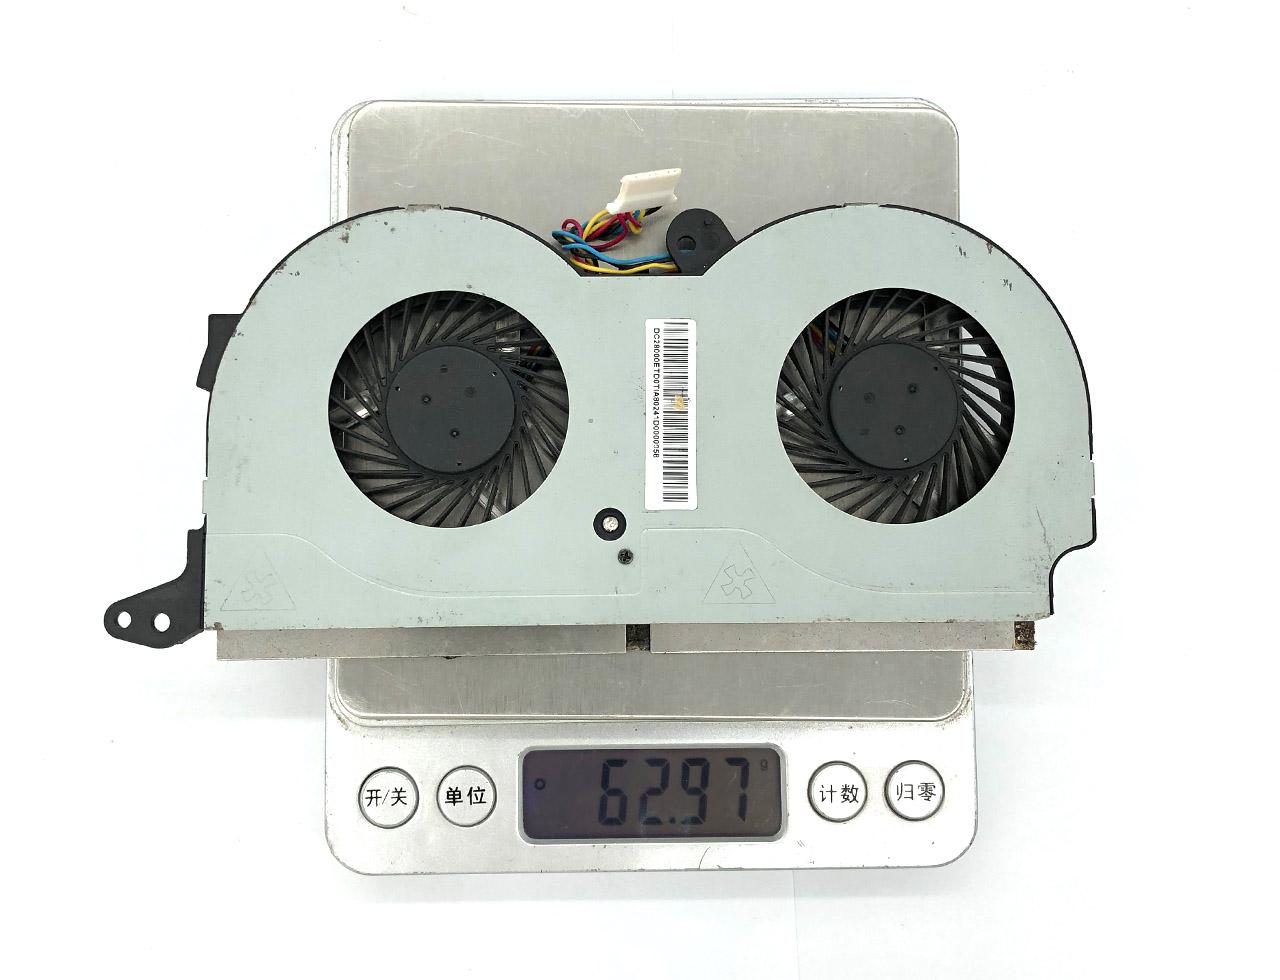 联想Y40-80 Y40-70 Y50-70 Y70-70 散热风扇5H40H13361 Laptop Cooling FAN AT1880010S0 DC28000ETD0